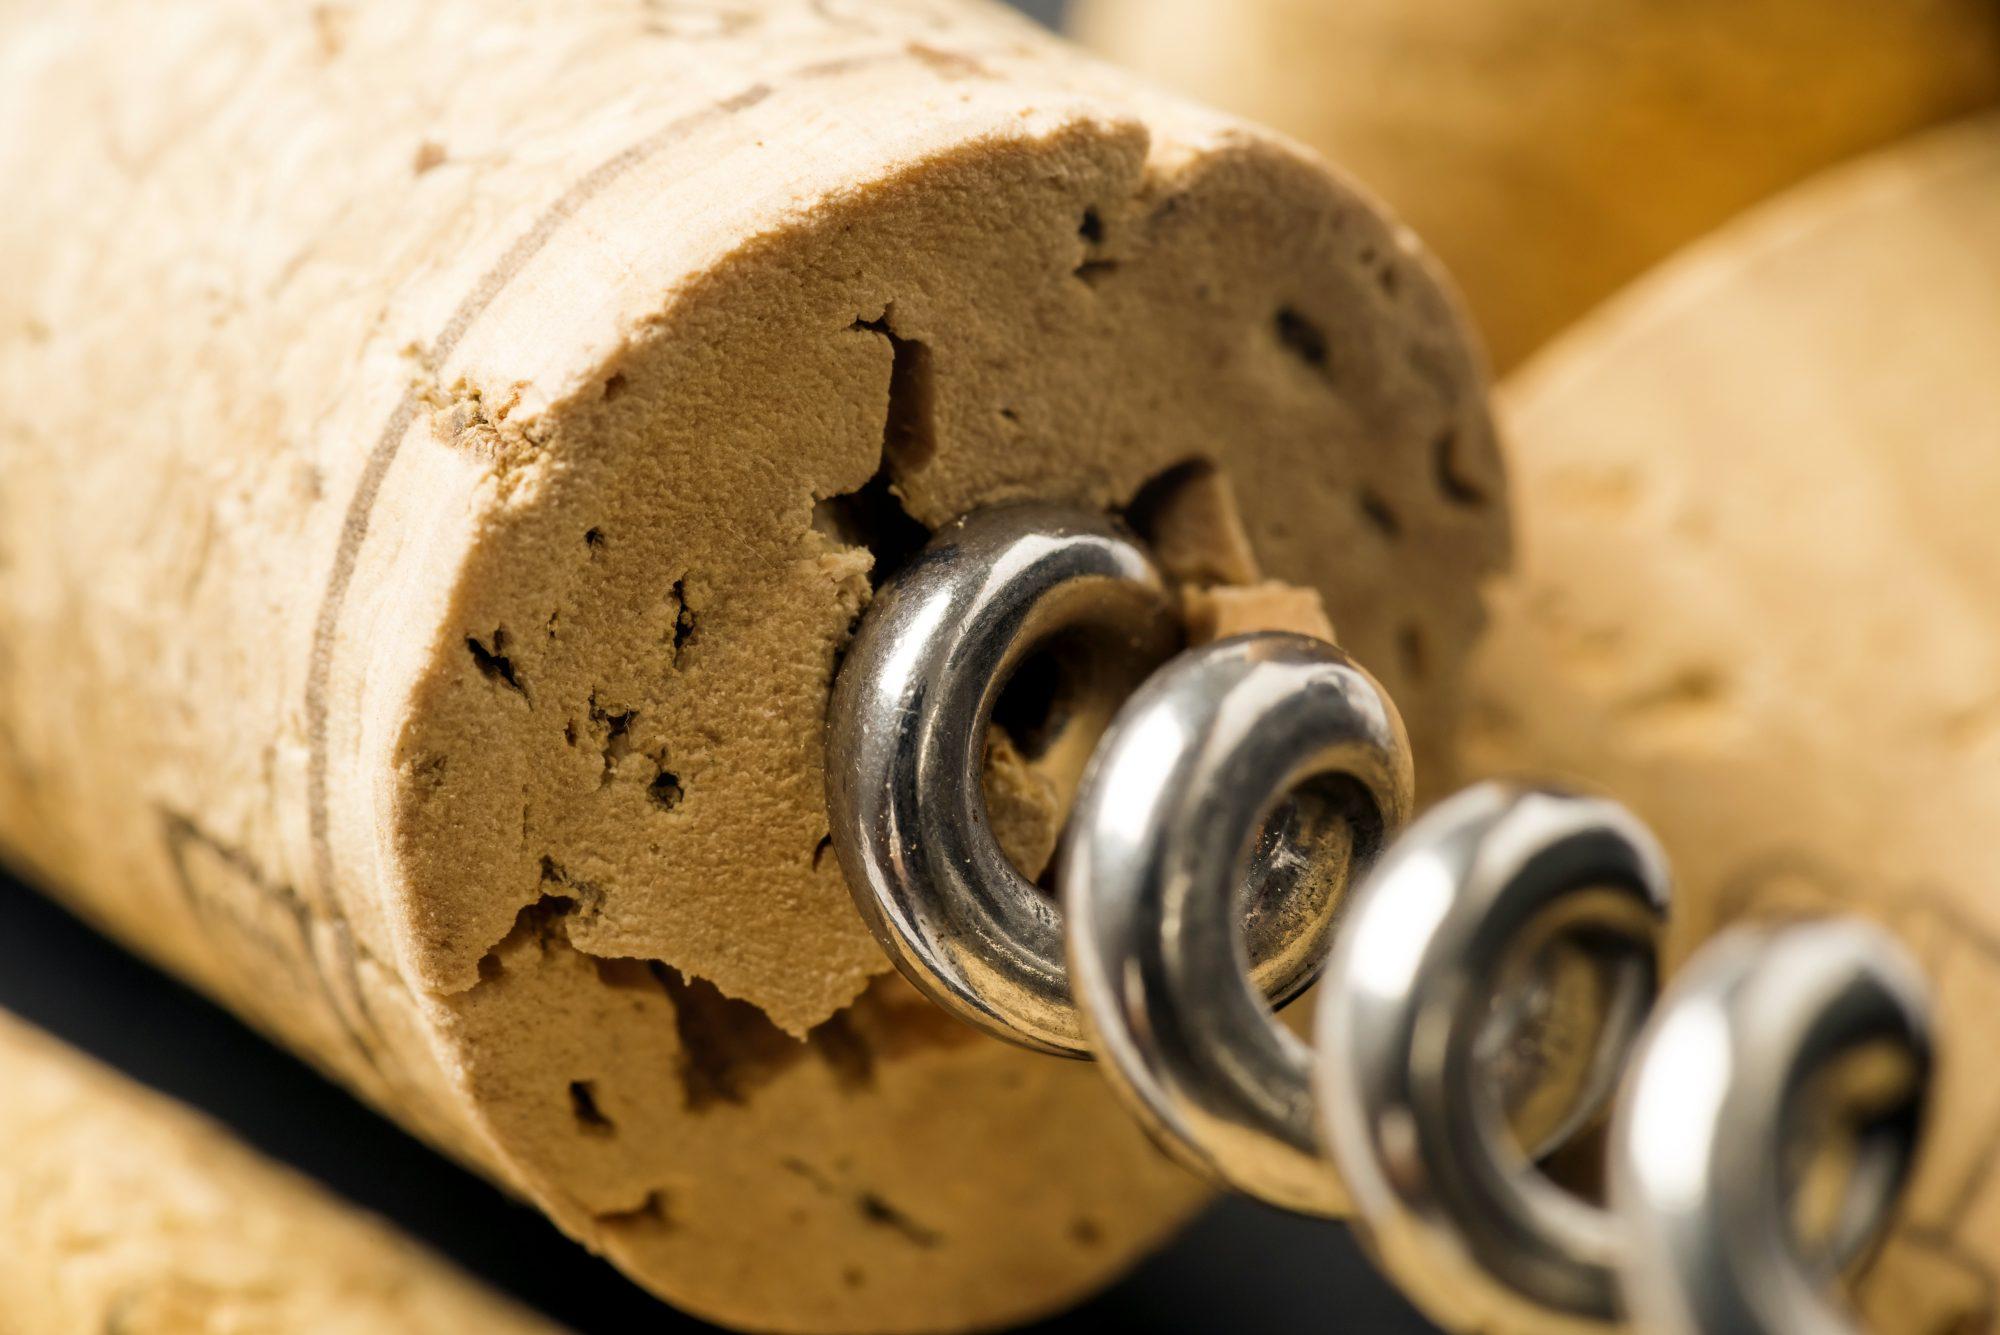 getty corkscrew correct